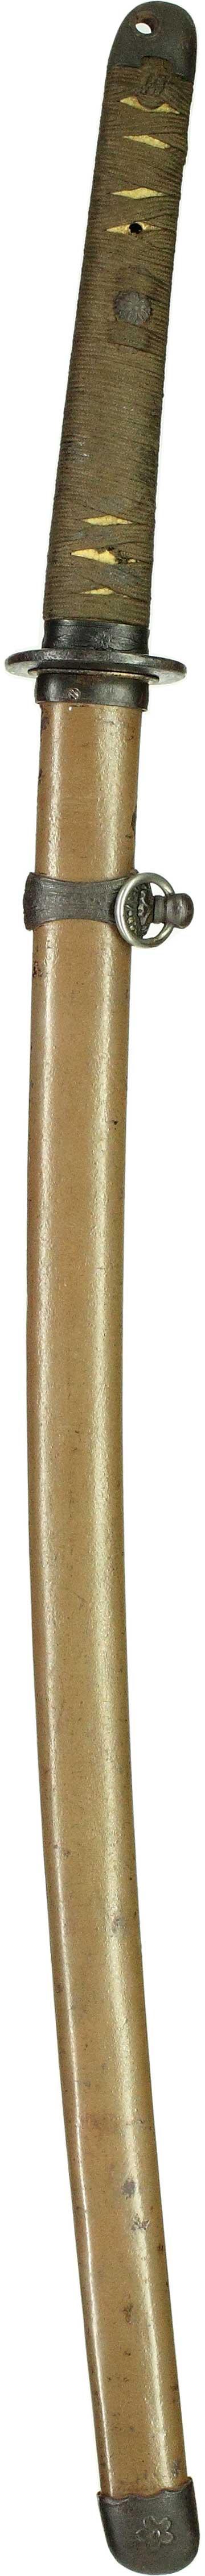 三式軍刀拵え表縦全景